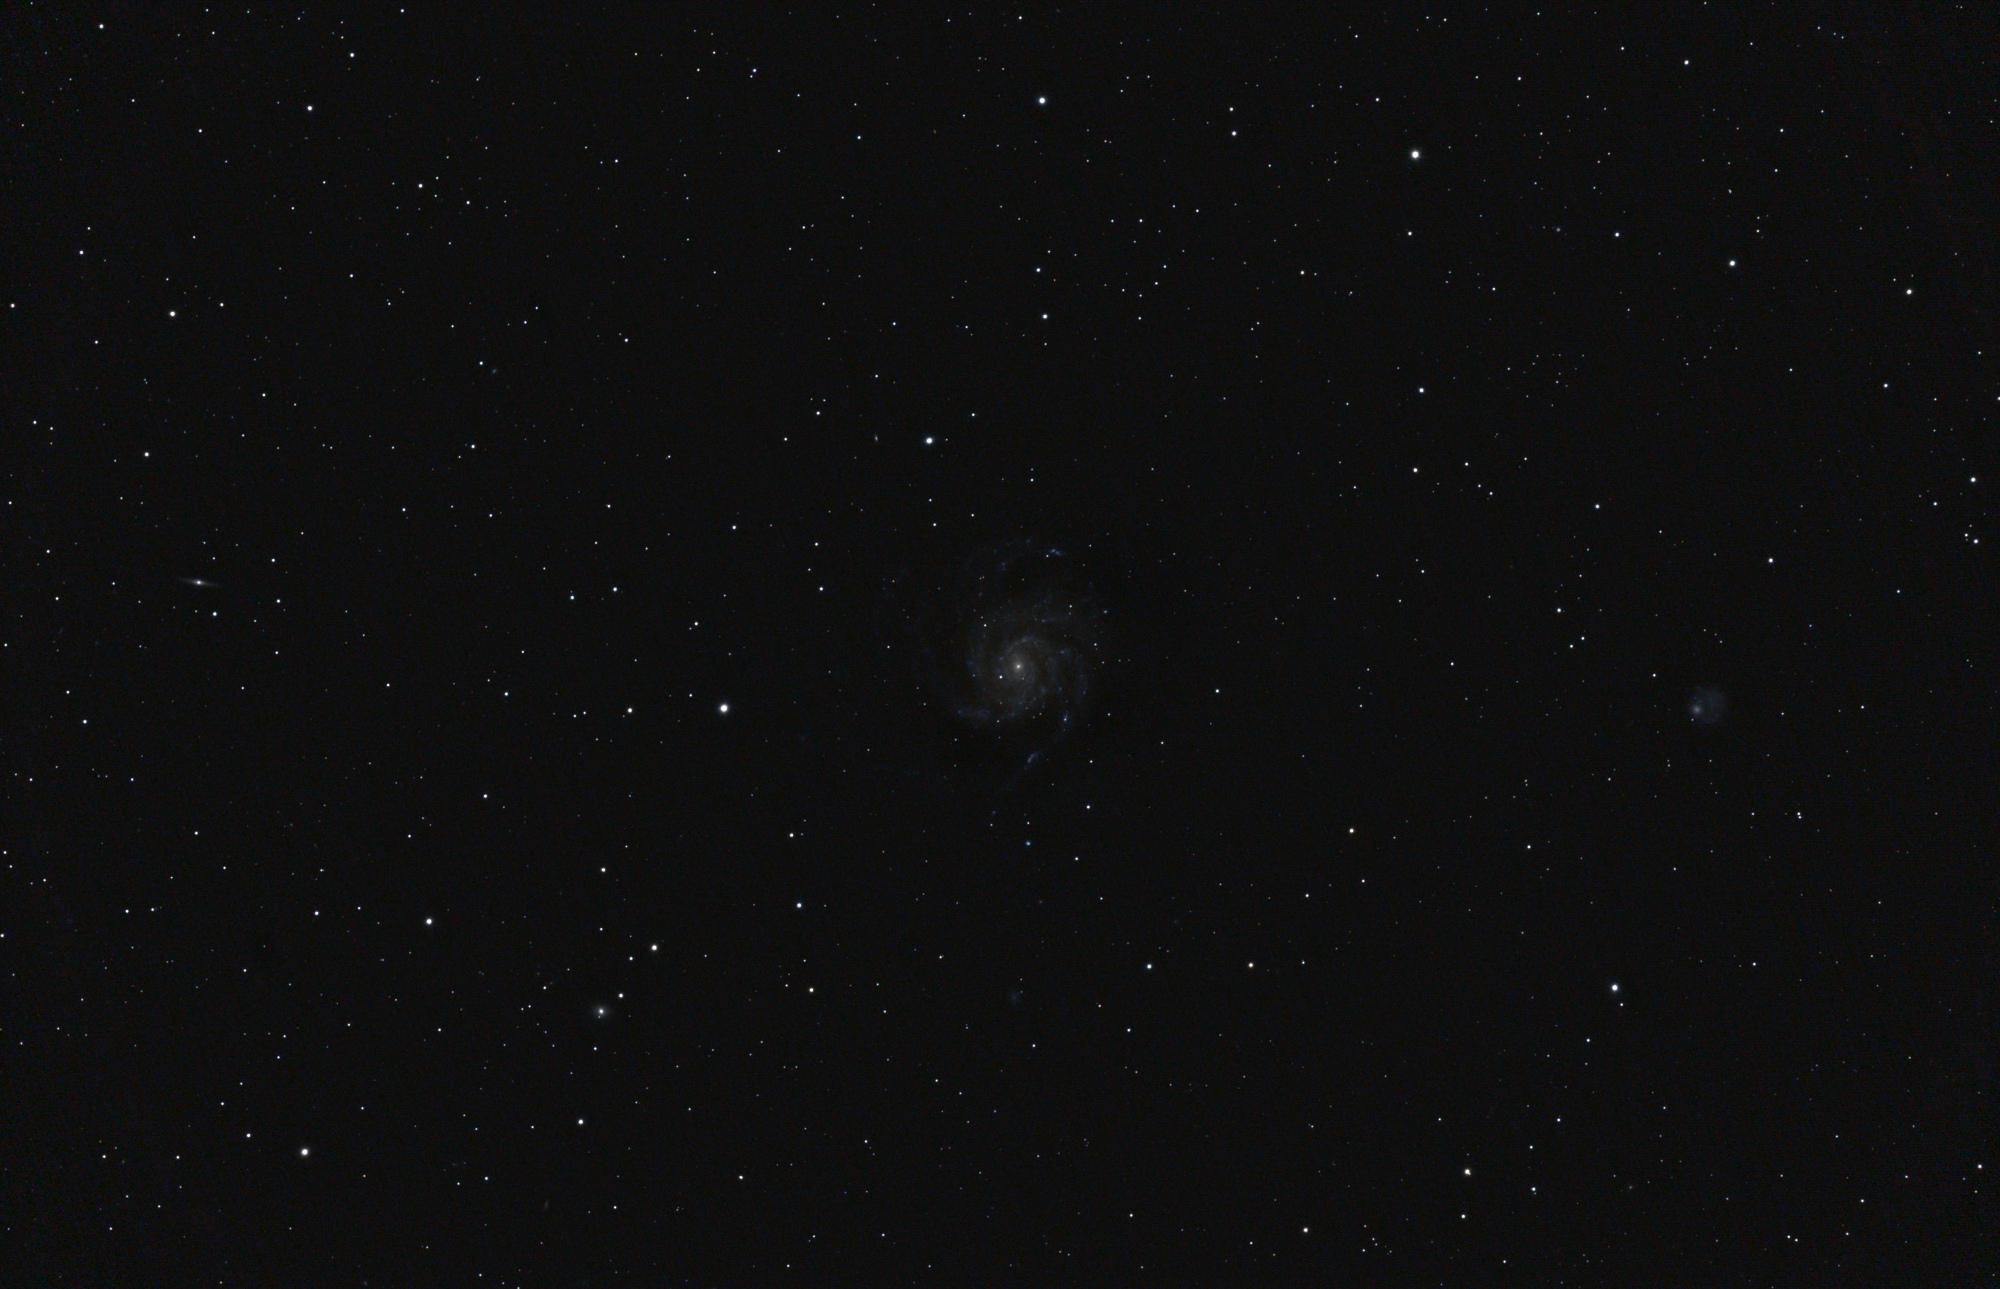 M101_30min.thumb.jpg.875095d4e24084dbc485119bd9bf2a43.jpg